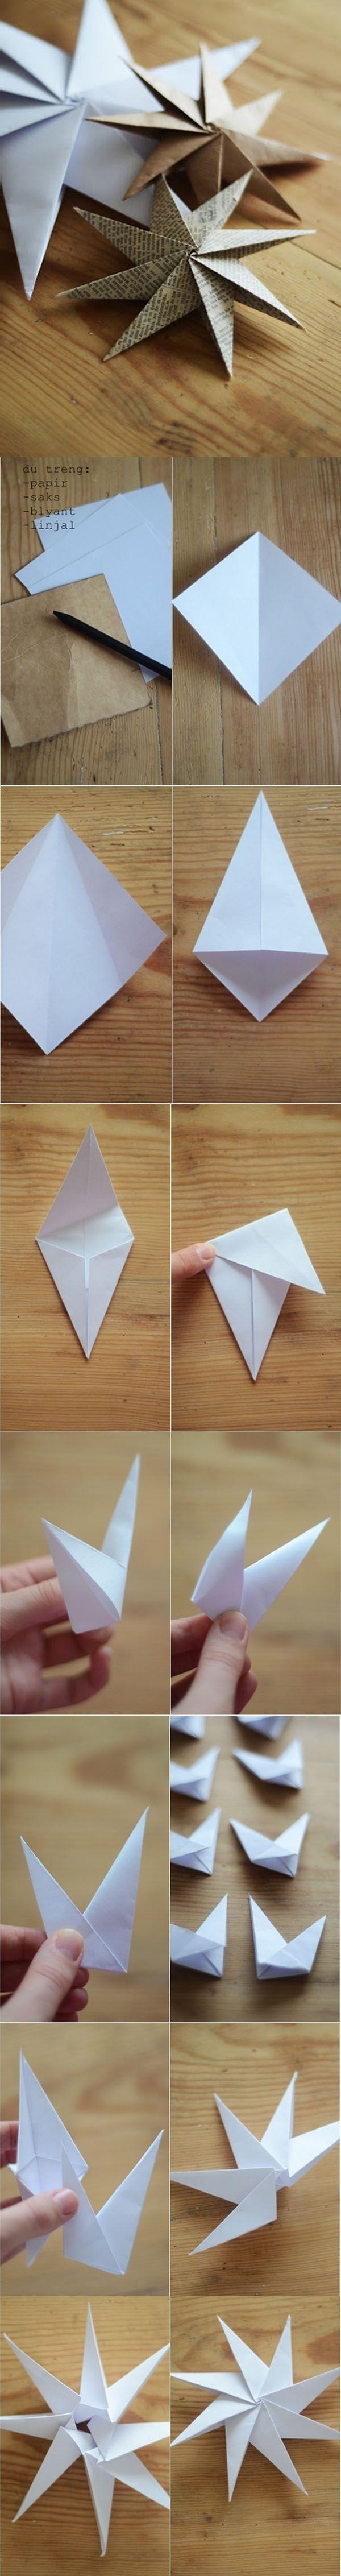 Mejora tu destreza fabricando hermosas figuras de papel para regalar durante las Navidades. El origami es un arte ancestral japonés que consiste en plegar una hoja hasta llegar a representar una figura de papel bonita.